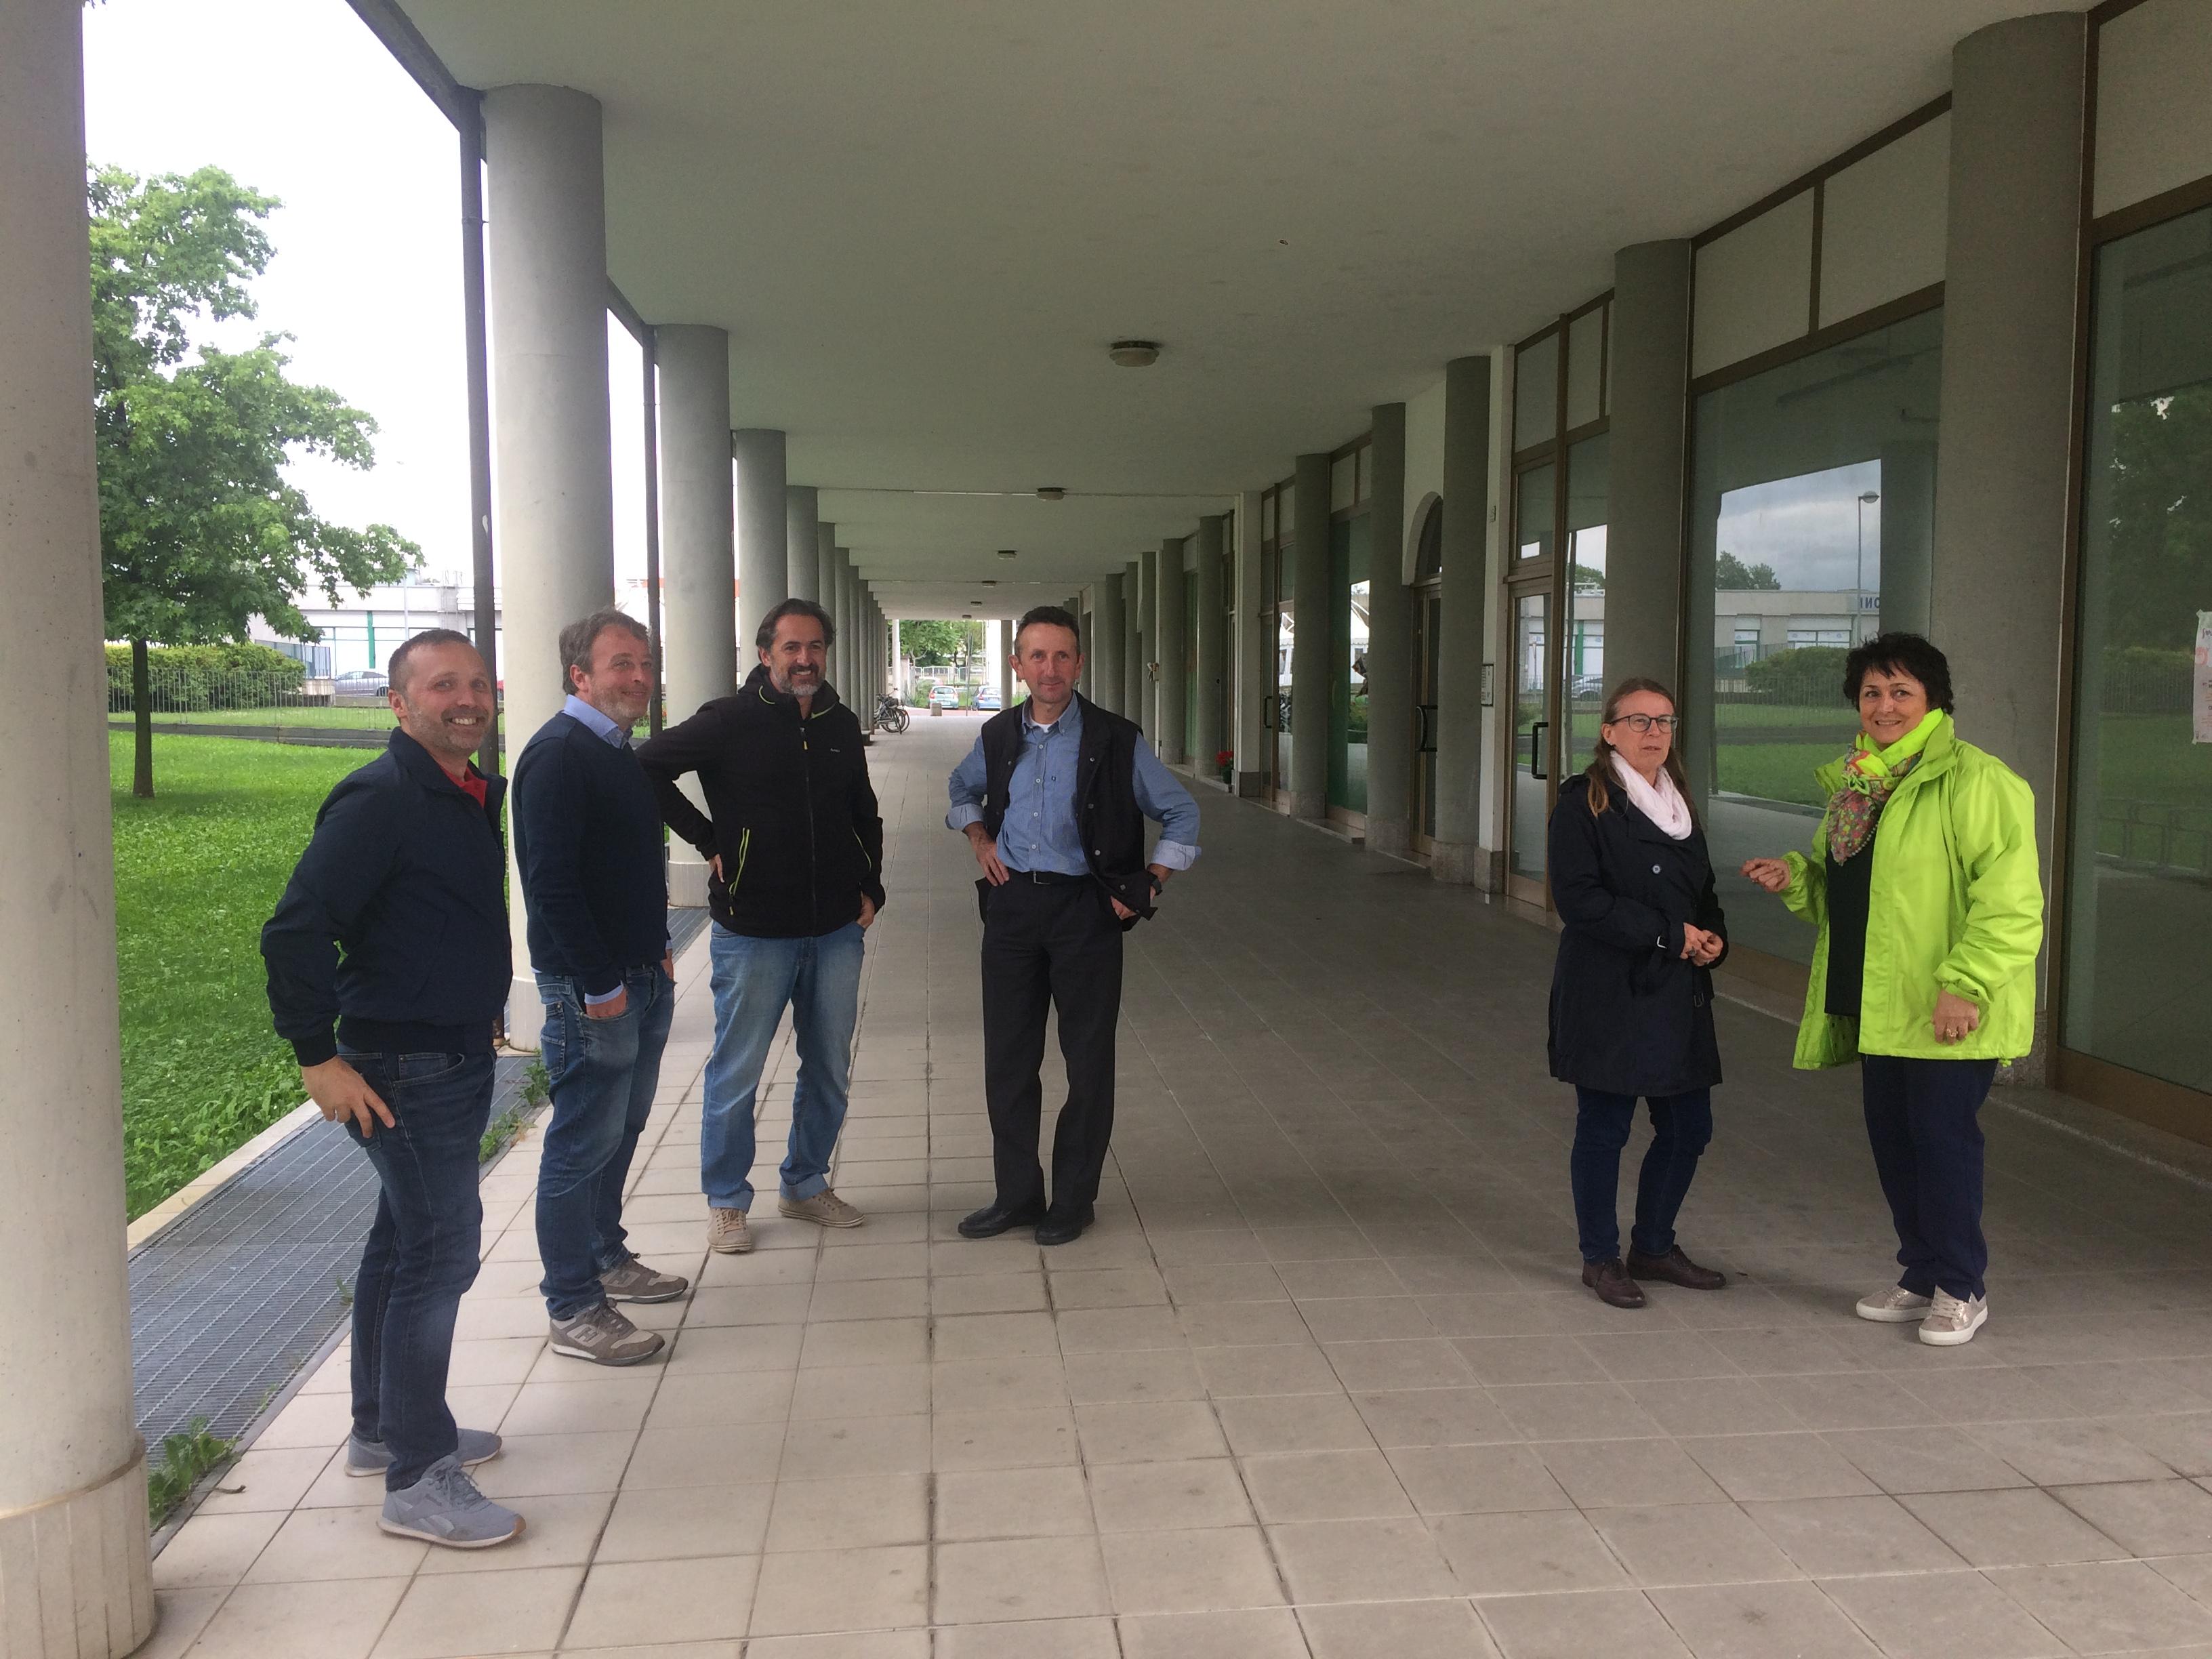 Il Comitato organizzatore del Mercato Contadino di Piazza Biancani a Cuneo